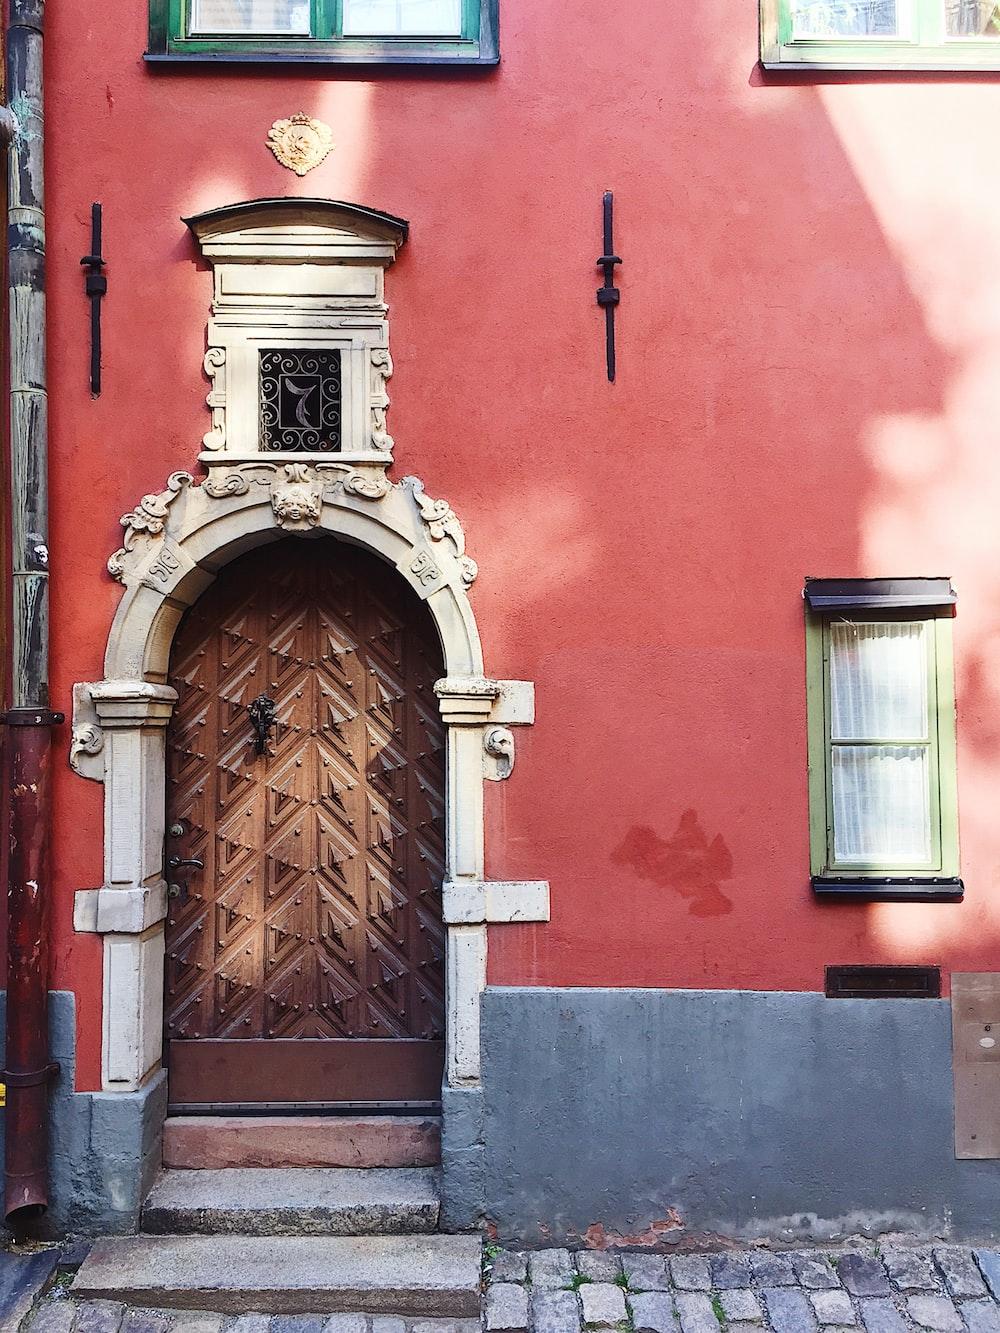 brown wooden door on red concrete building